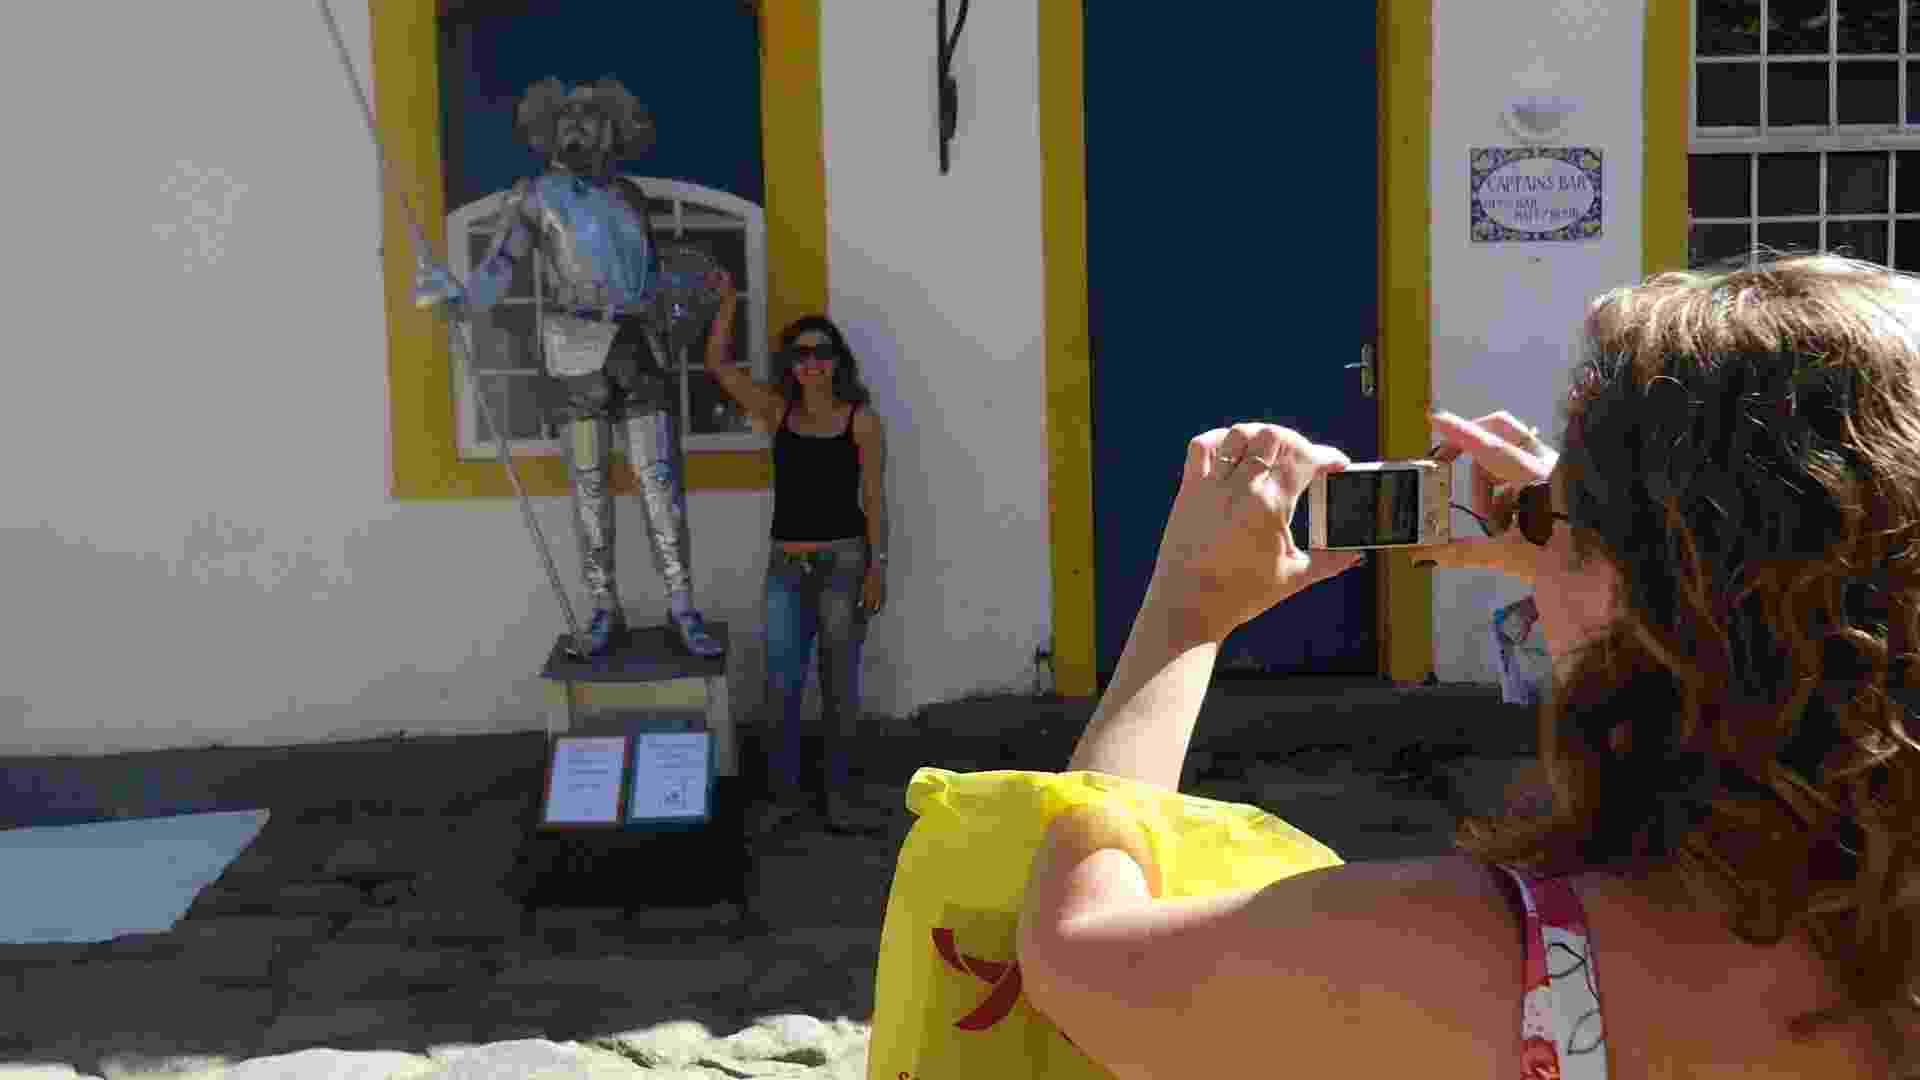 Visitantes da Flip 2012 tiram fotos com estátua de Dom Quixote, personagem criado por Miguel de Cervantes (6/7/12) - Natalia Engler / UOL